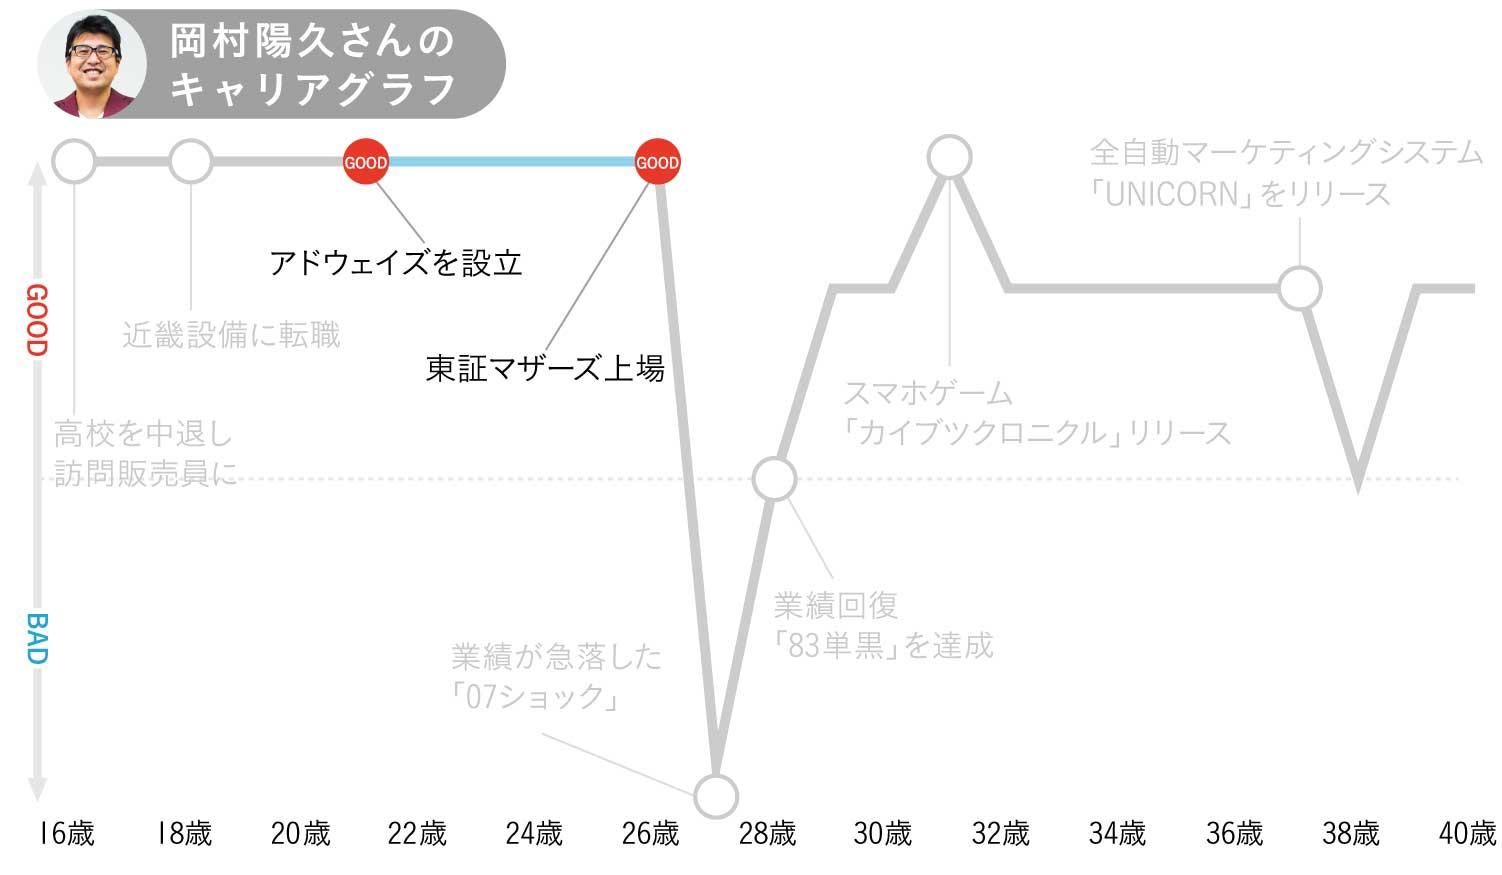 アドウェイズ岡村陽久さんのキャリアグラフ2